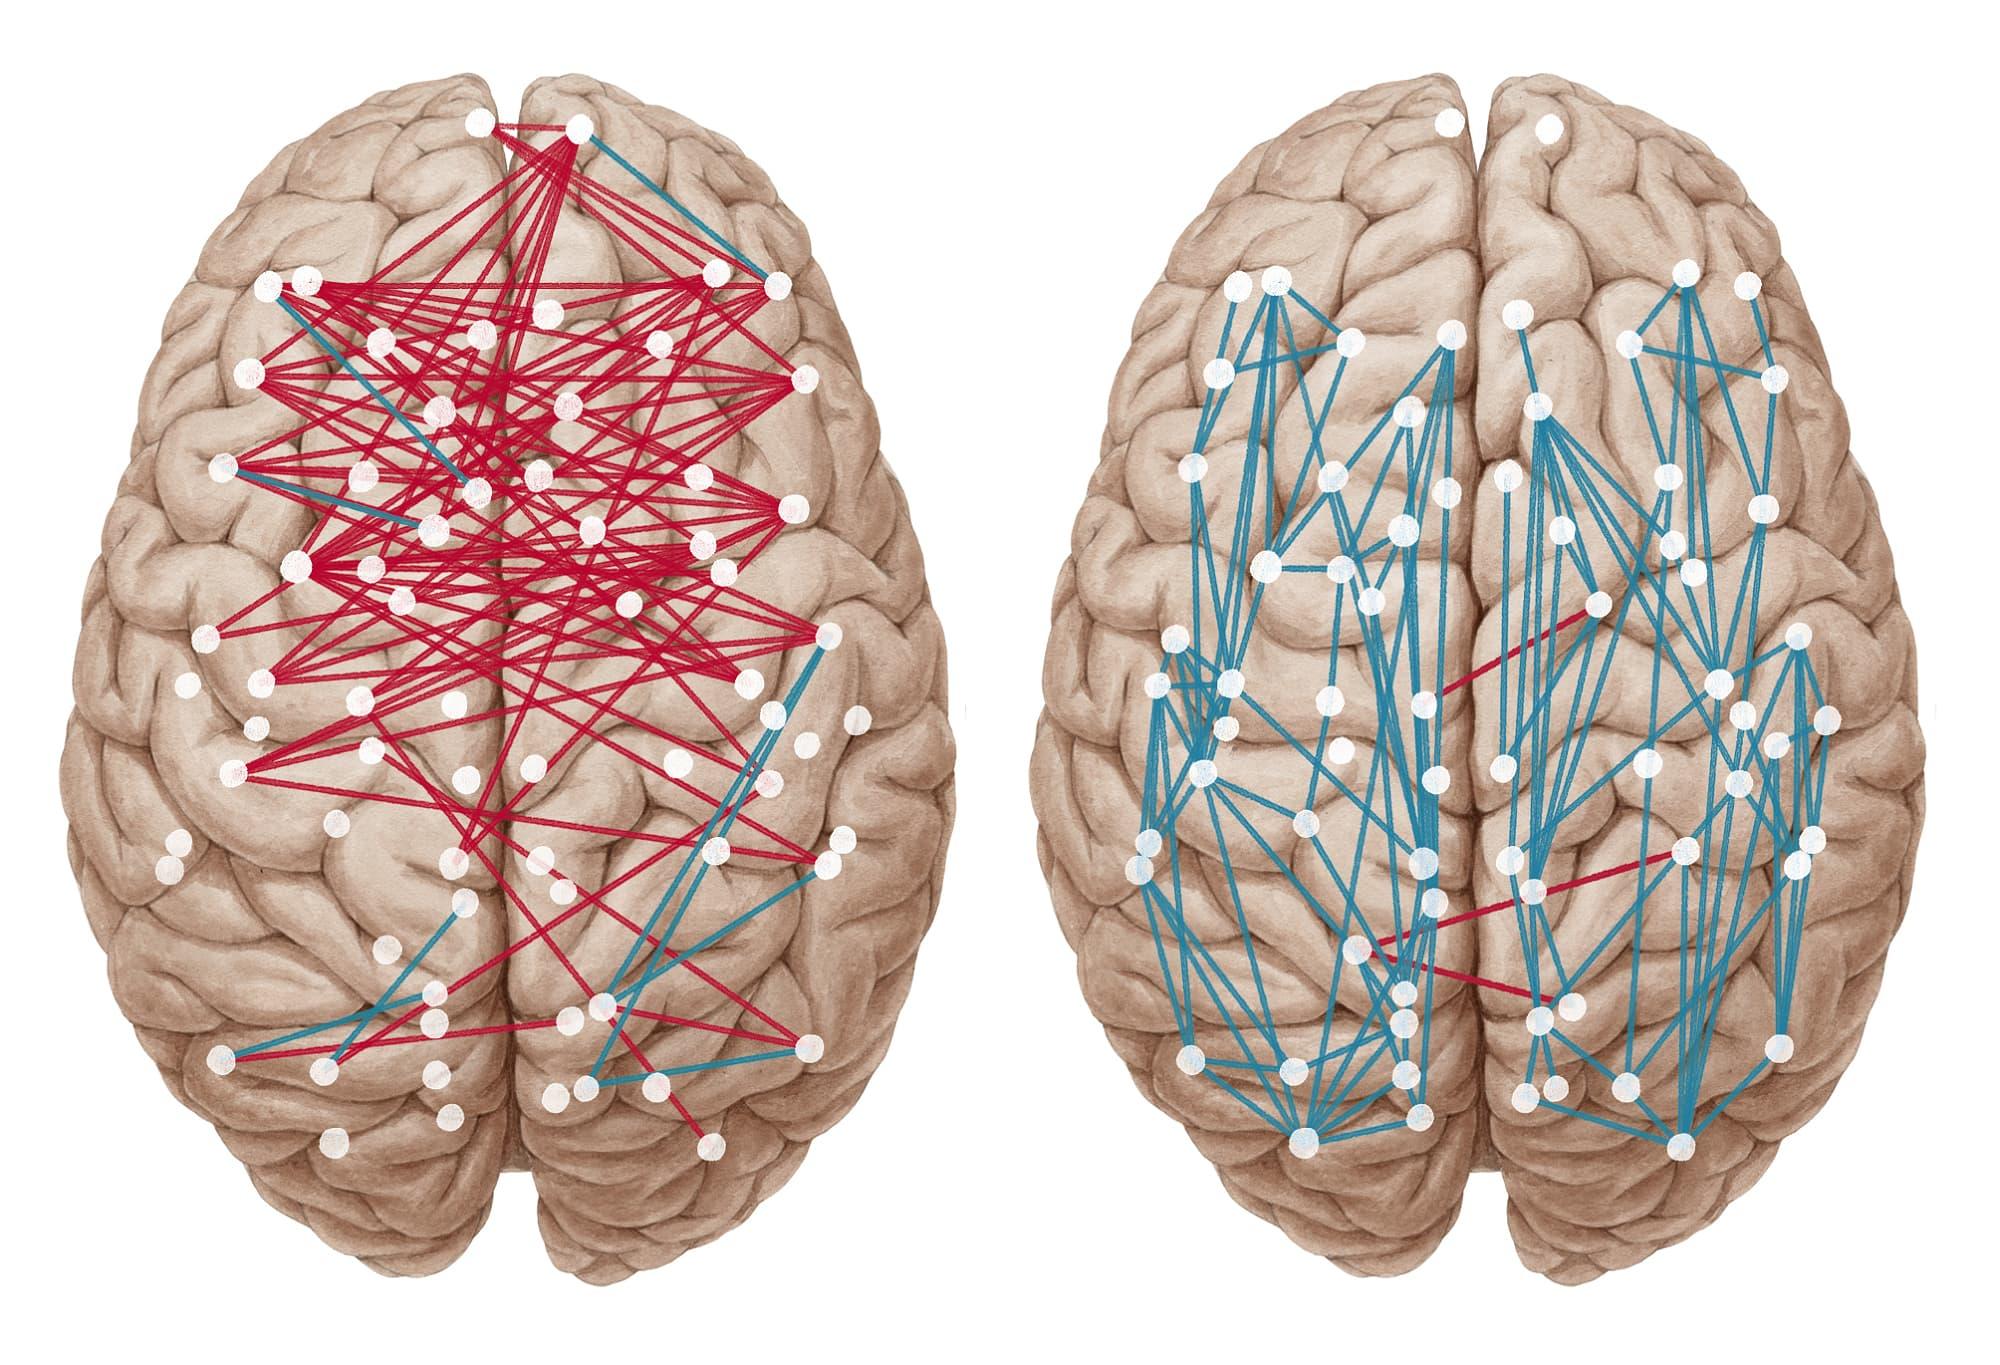 Gibt es Geschlechterunterschiede im Gehirn? - Spektrum der